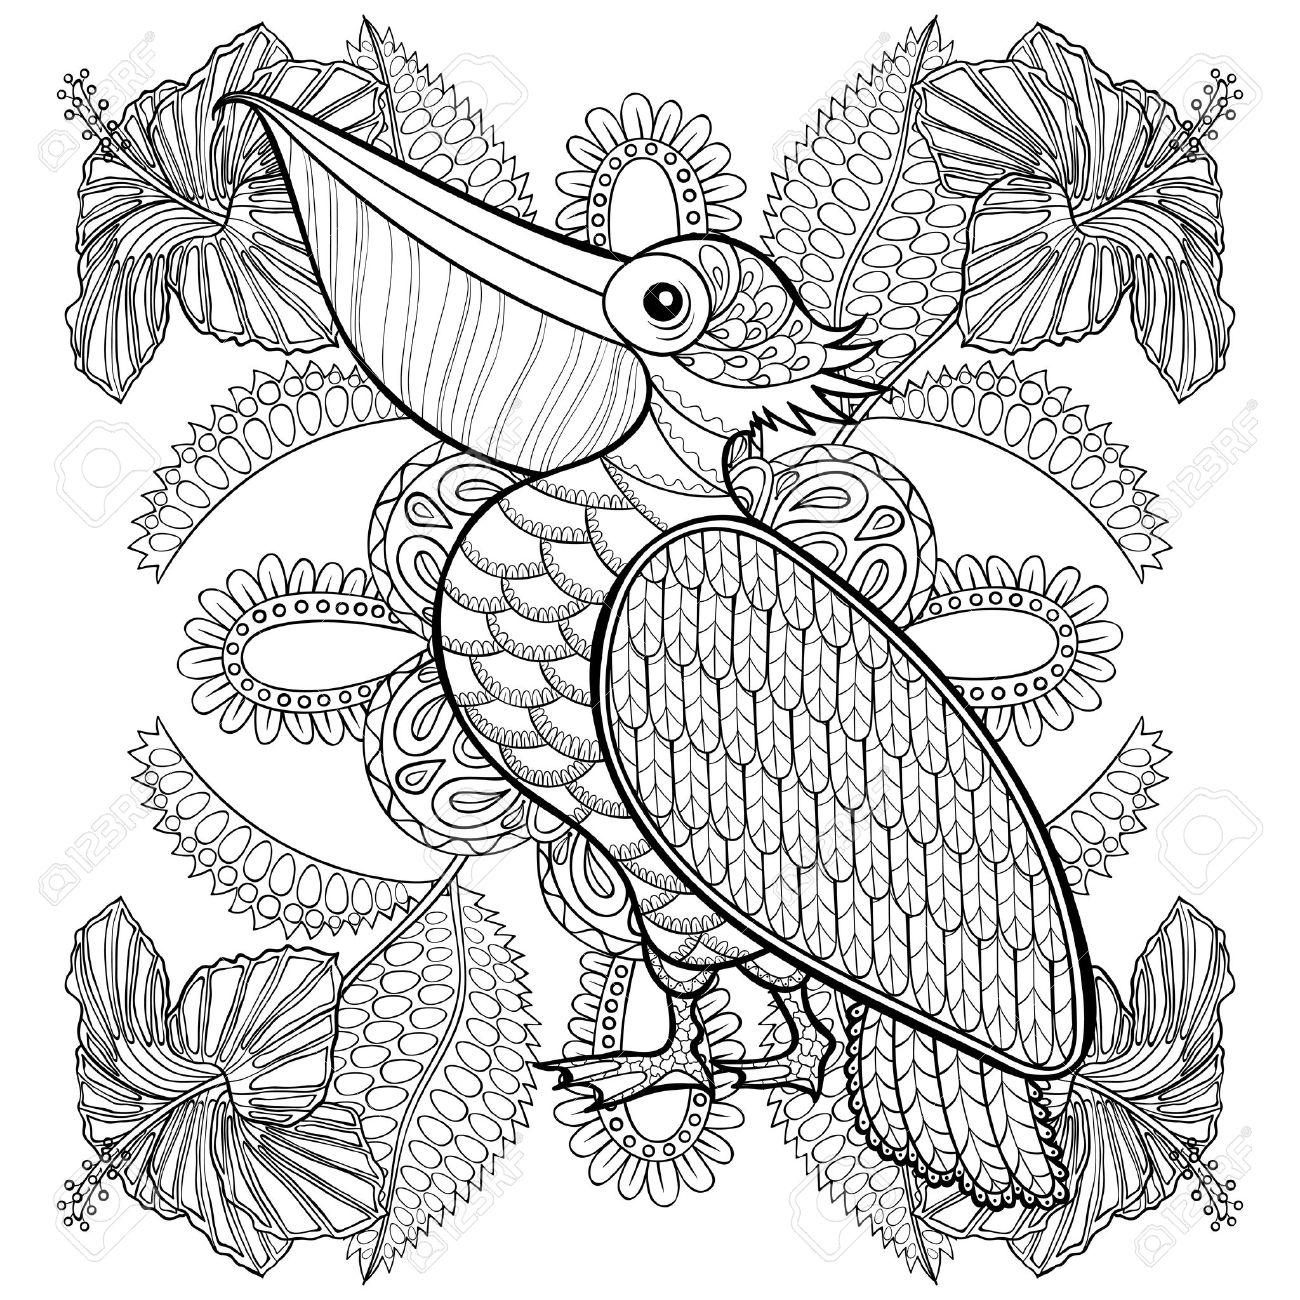 Dibujo Para Colorear Con El Pelícano En Flores Hibiskus ...